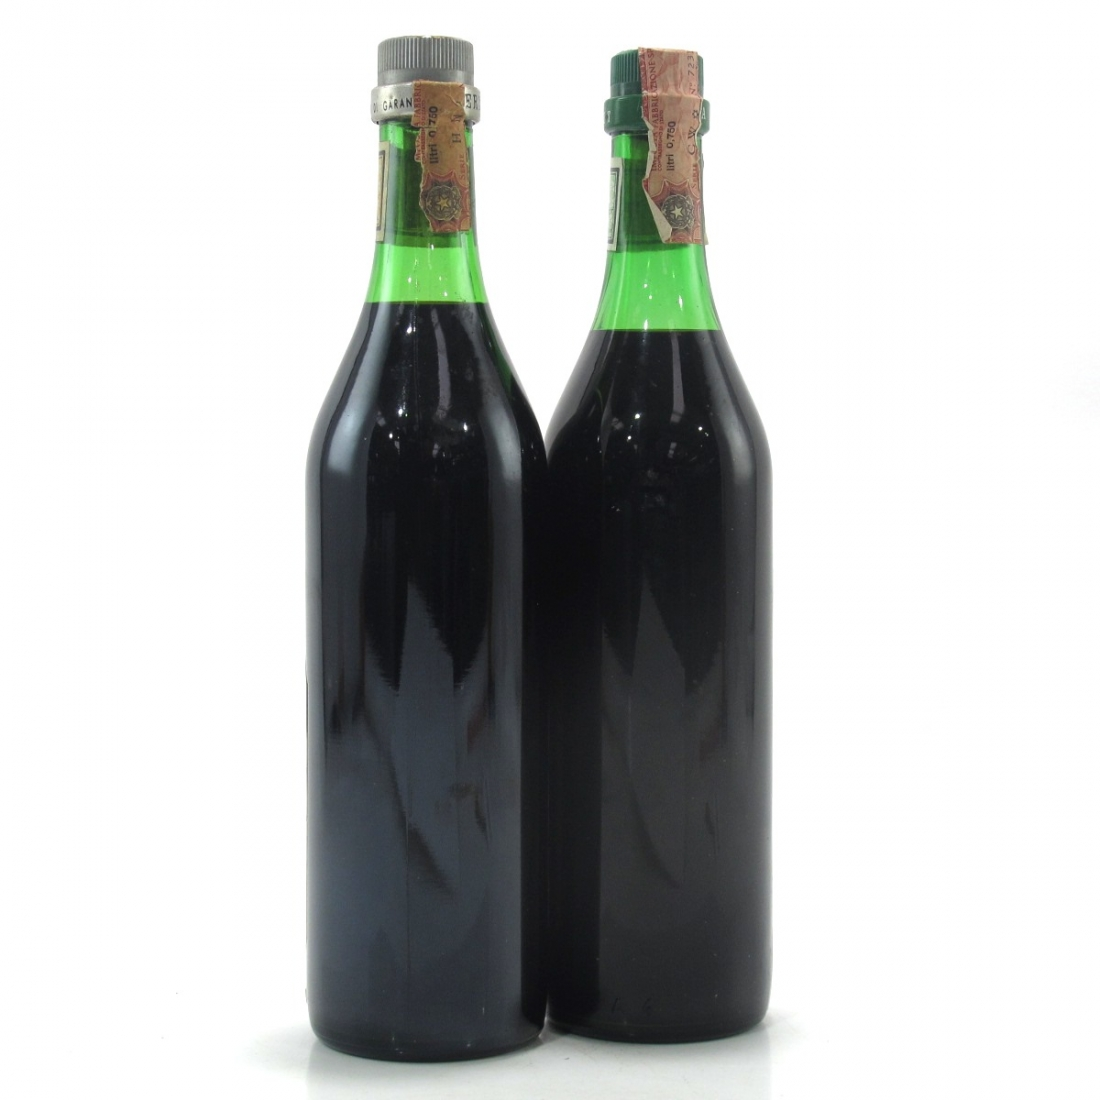 Fernet-Branca Digestif & Menta 2 x 75cl 1980s